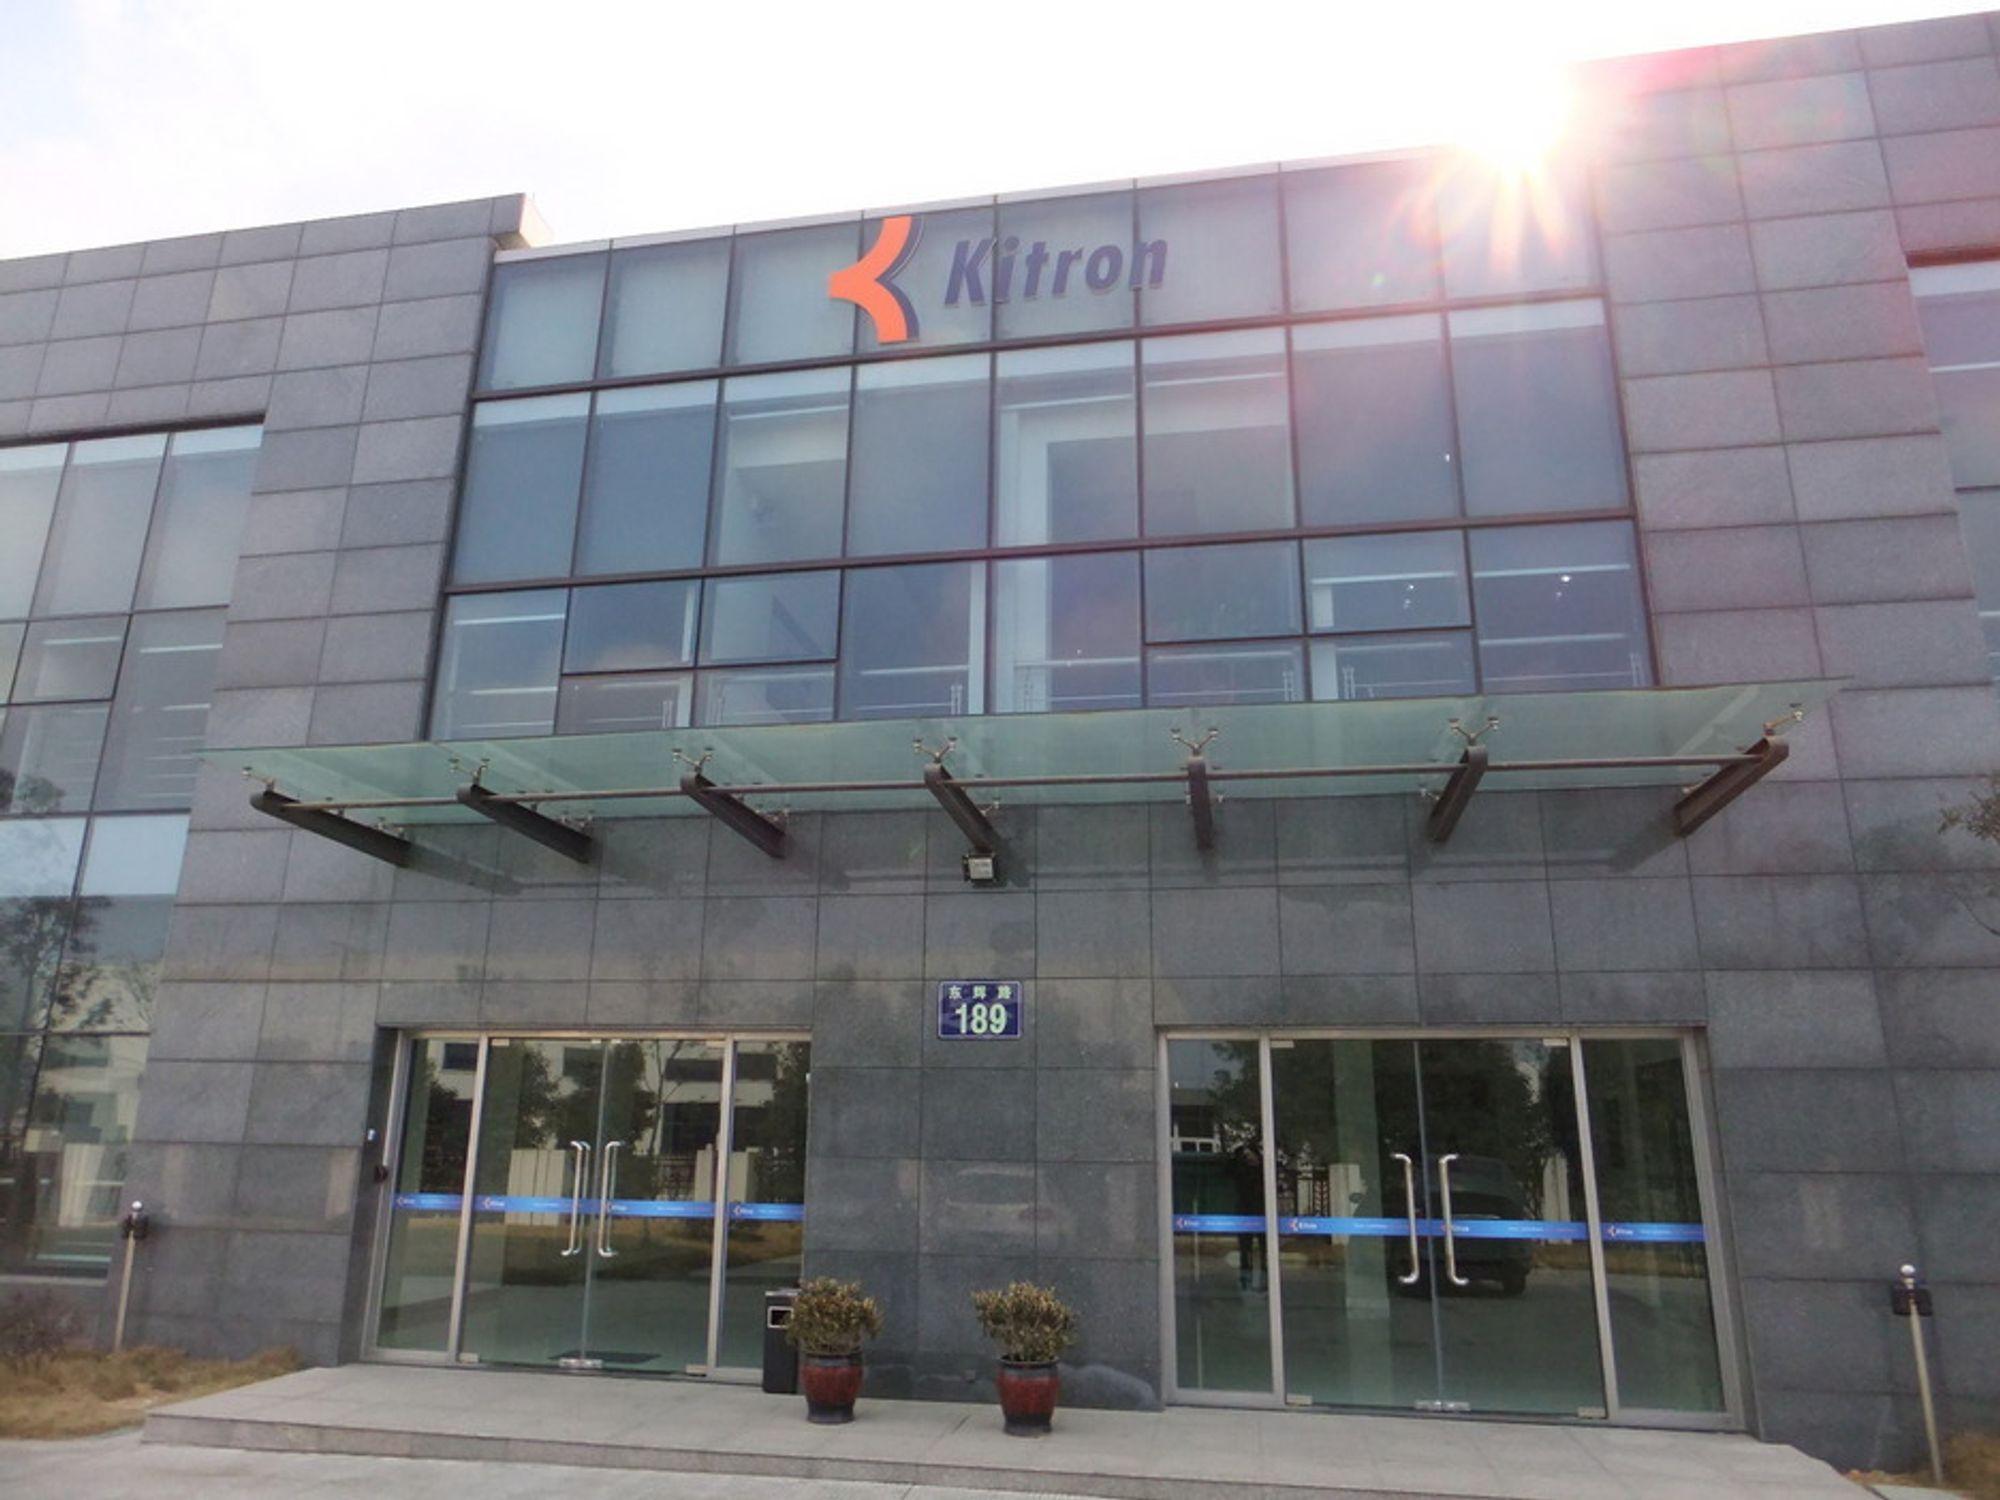 Kitrons nye fabrikk i Ningbo i Kina skal hovedsakelig drive med kontraktsproduksjon av elektroniske komponenter.